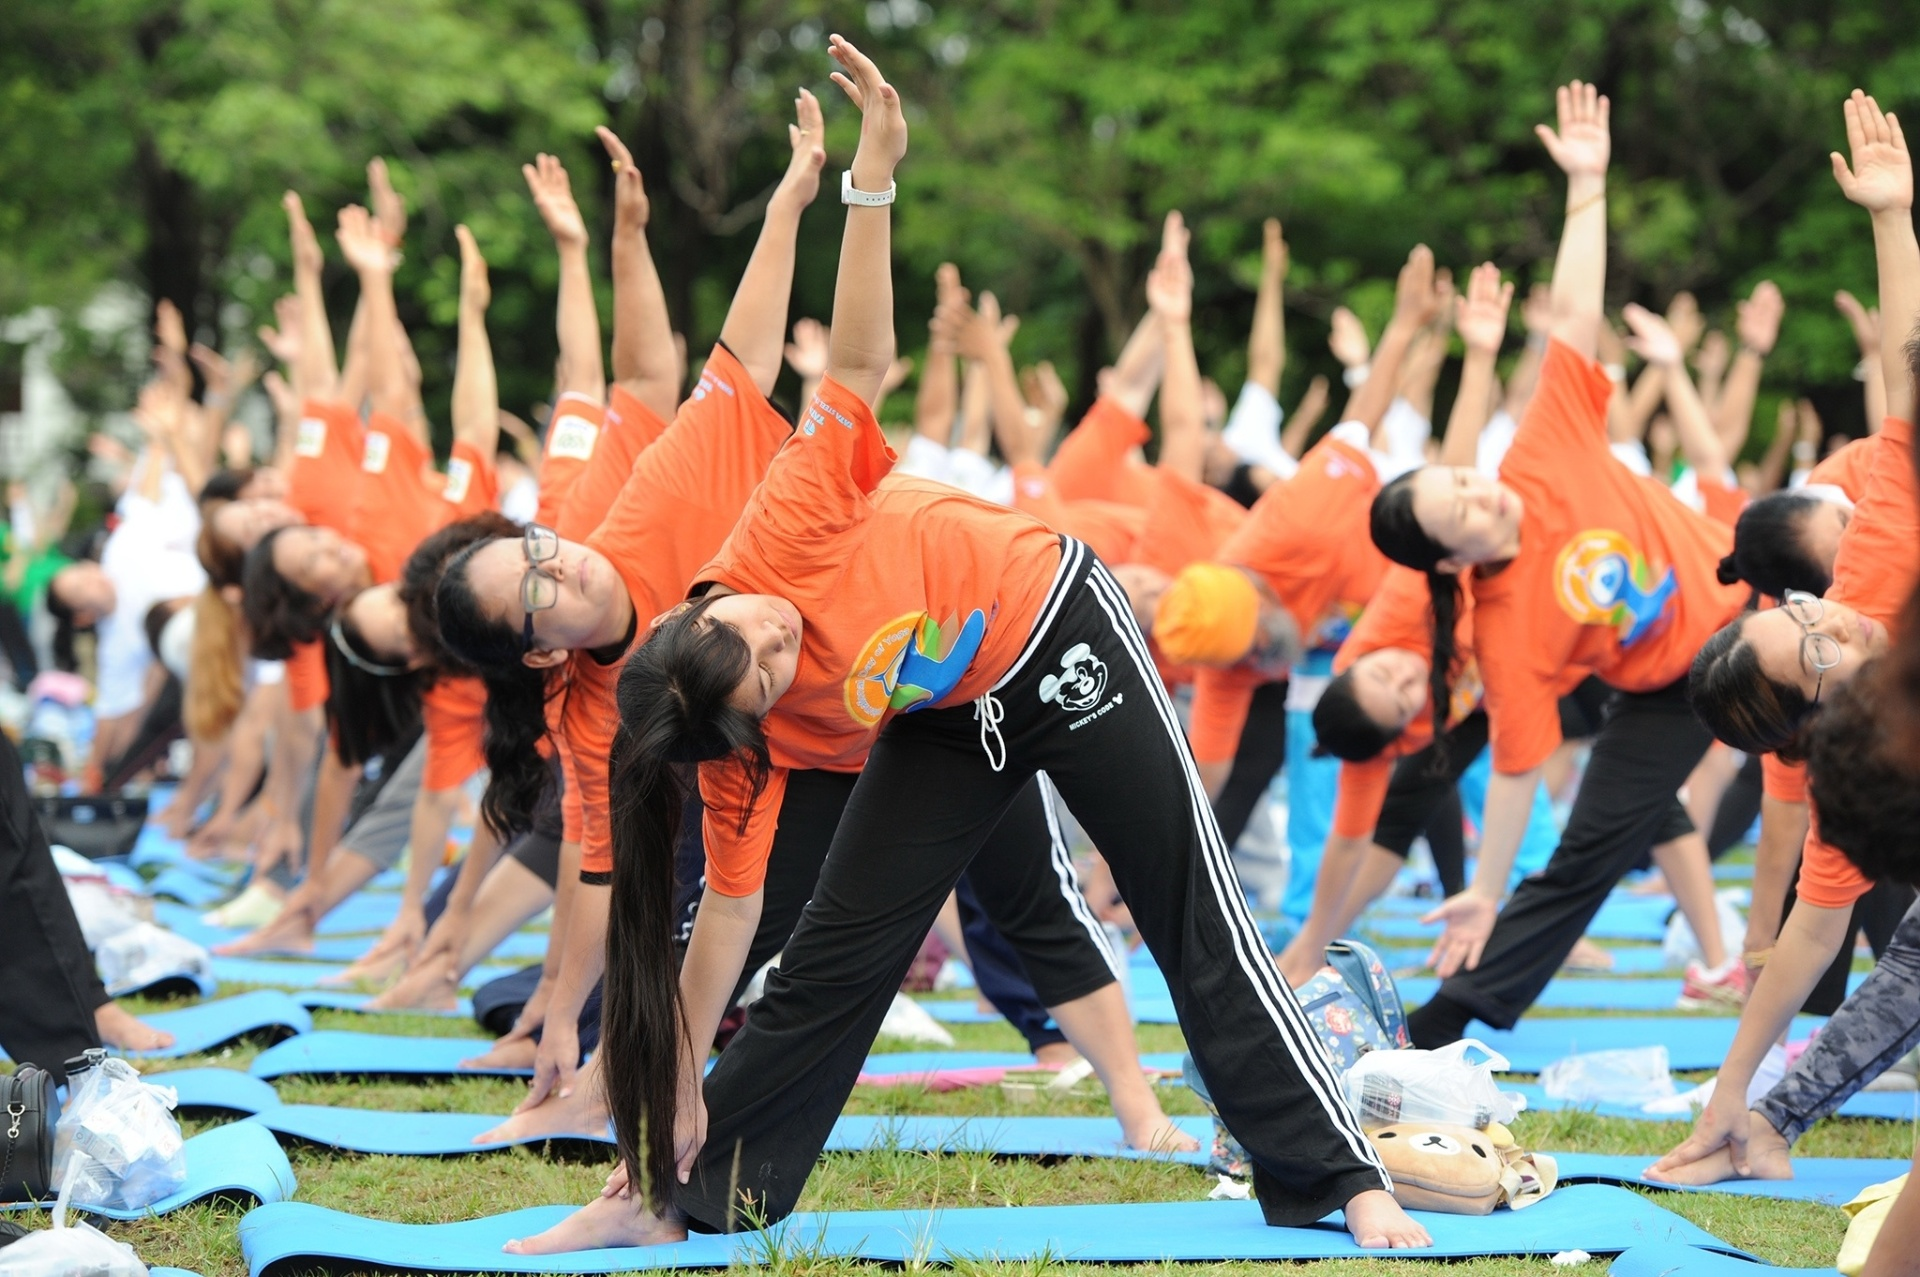 26.jun.2016 - Grupo pratica ioga em evento para comemorar o Dia Internacional da Ioga em Bangcoc, Tailândia. Em 11 de dezembro de 2014, a Assembleia Geral da Organização das Nações Unidas reservou o dia 21 de junho para celebrar a prática